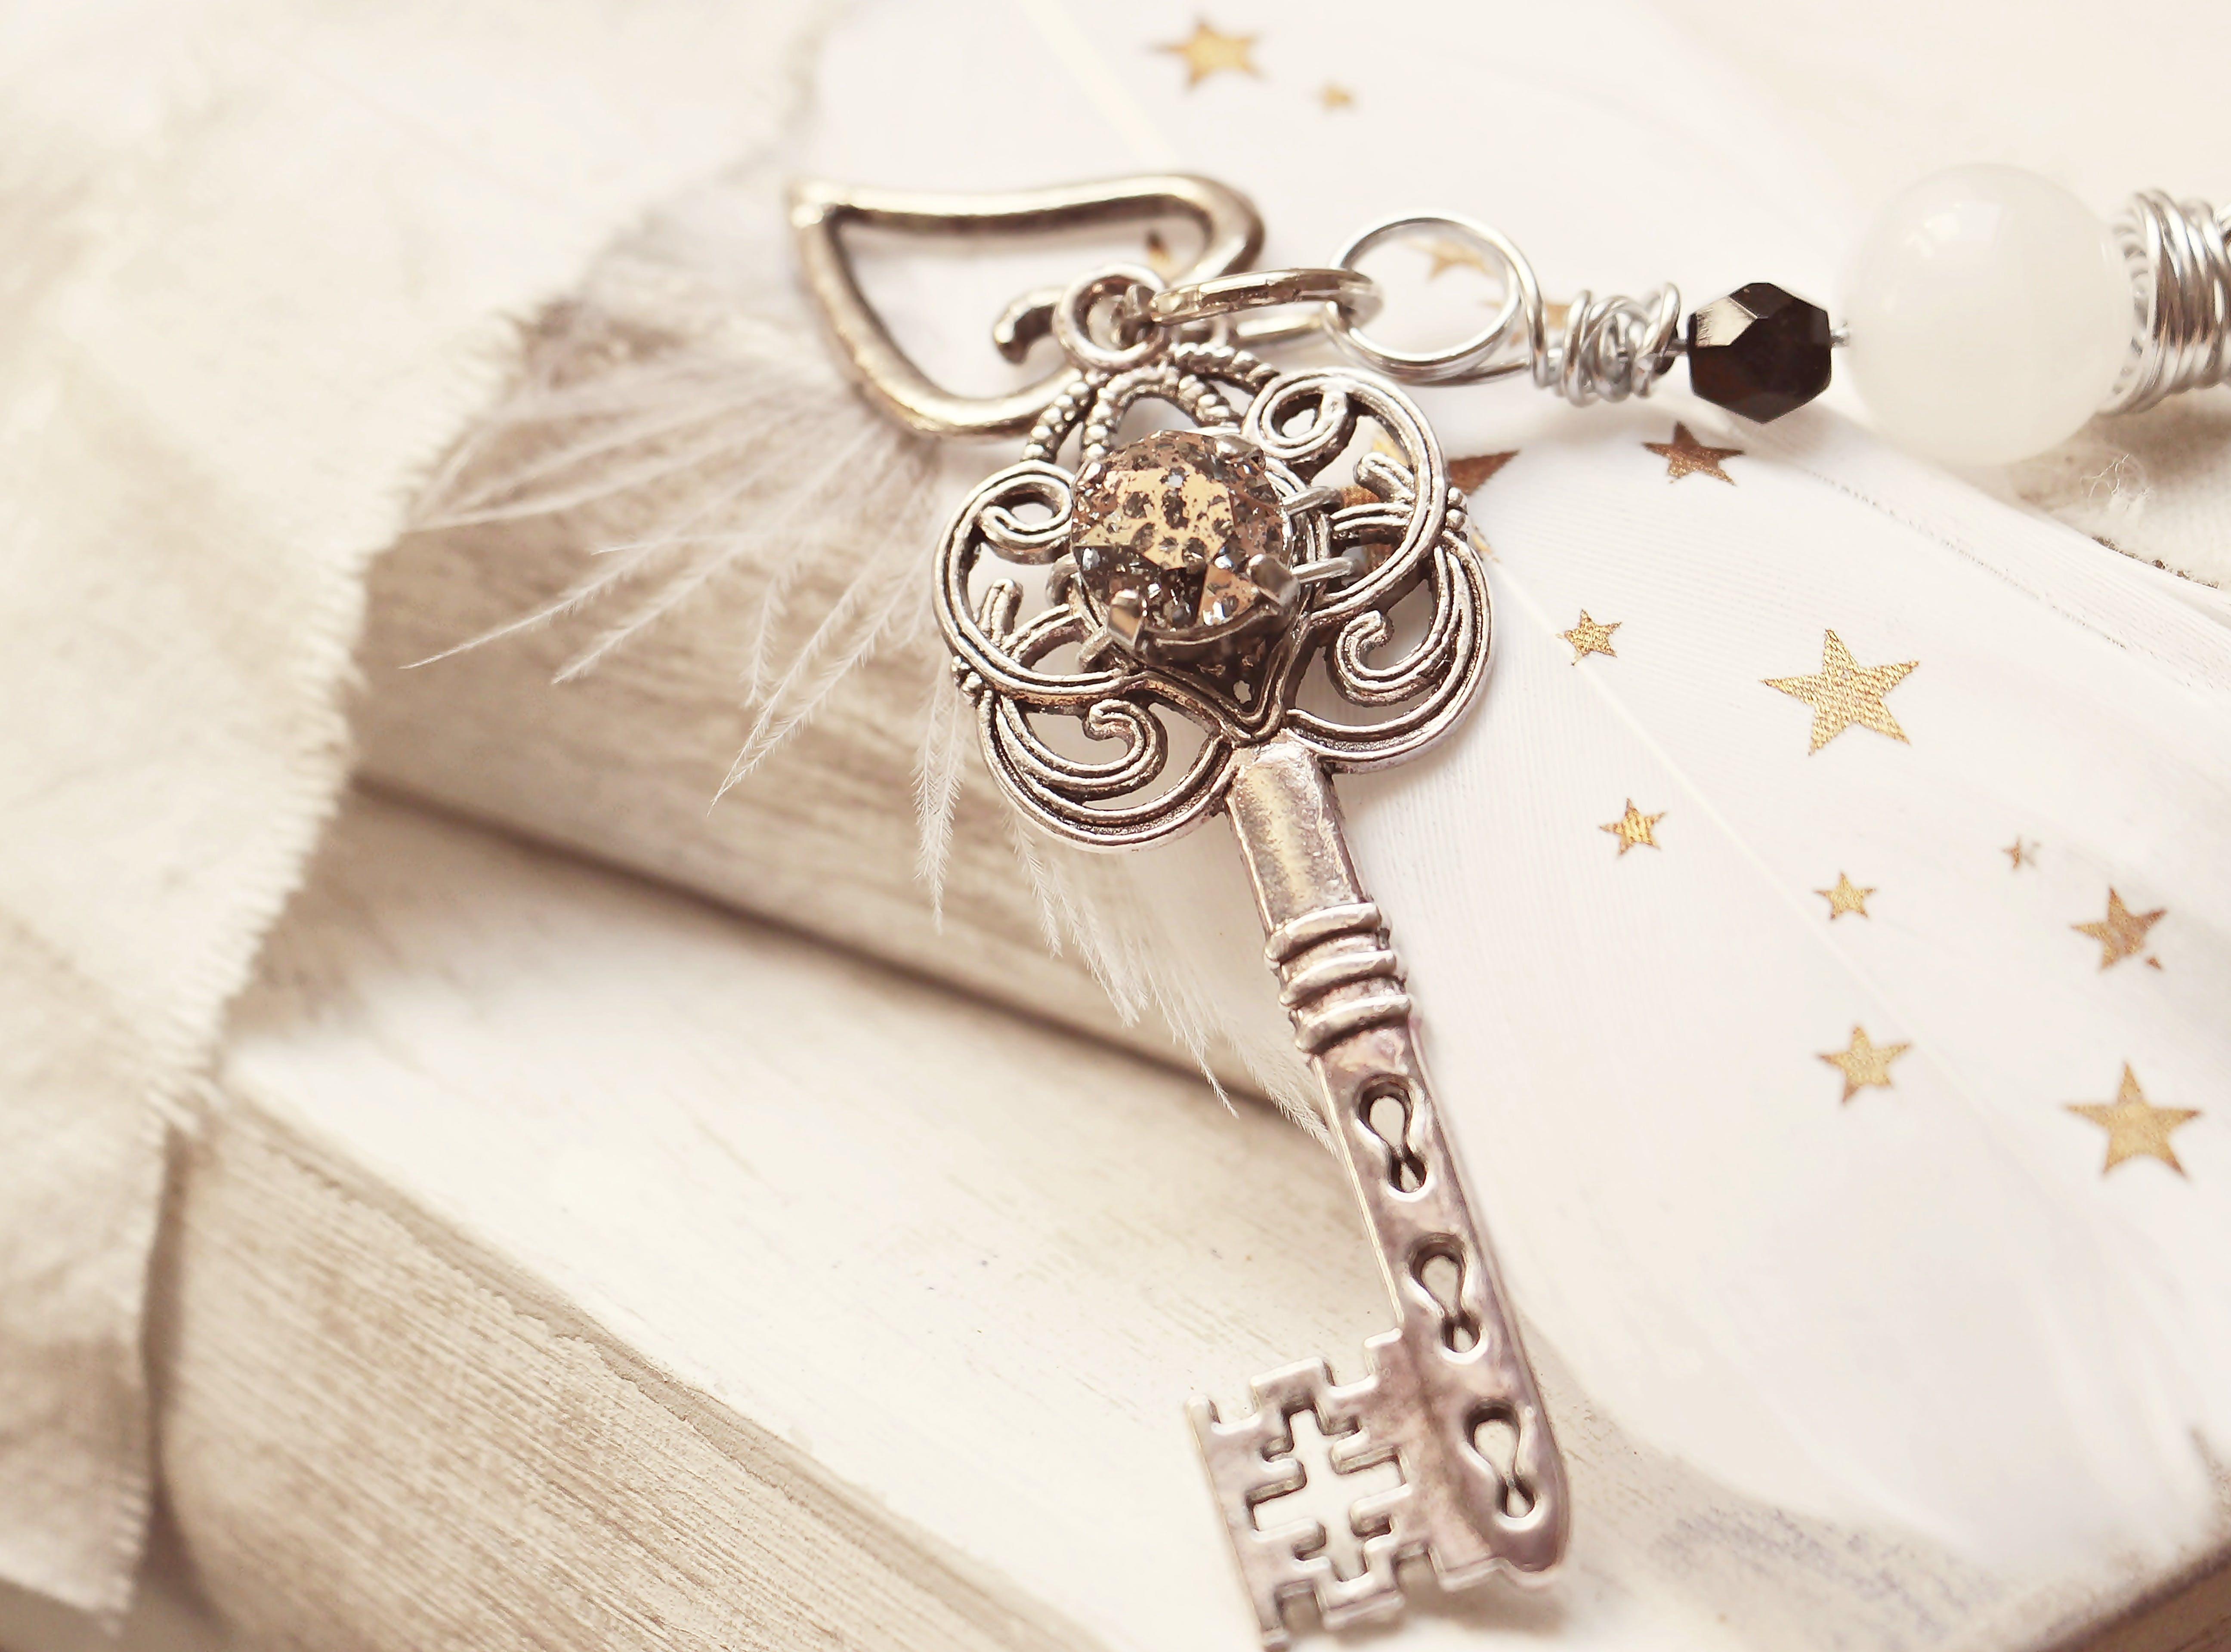 Silver Skeleton Key on White Surface